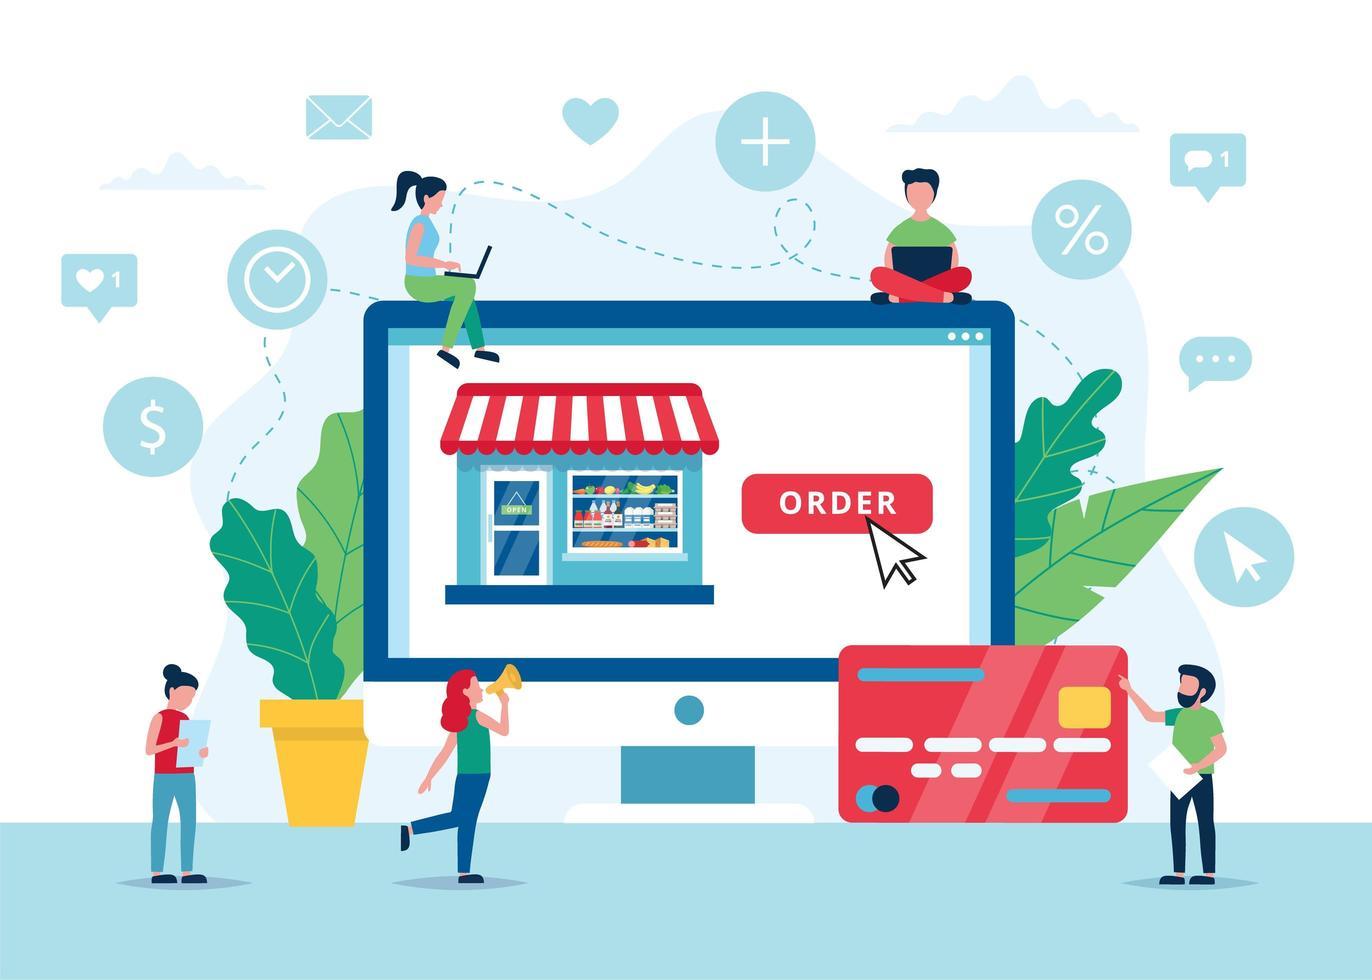 Bestellung von Lebensmitteln Online-Konzept vektor